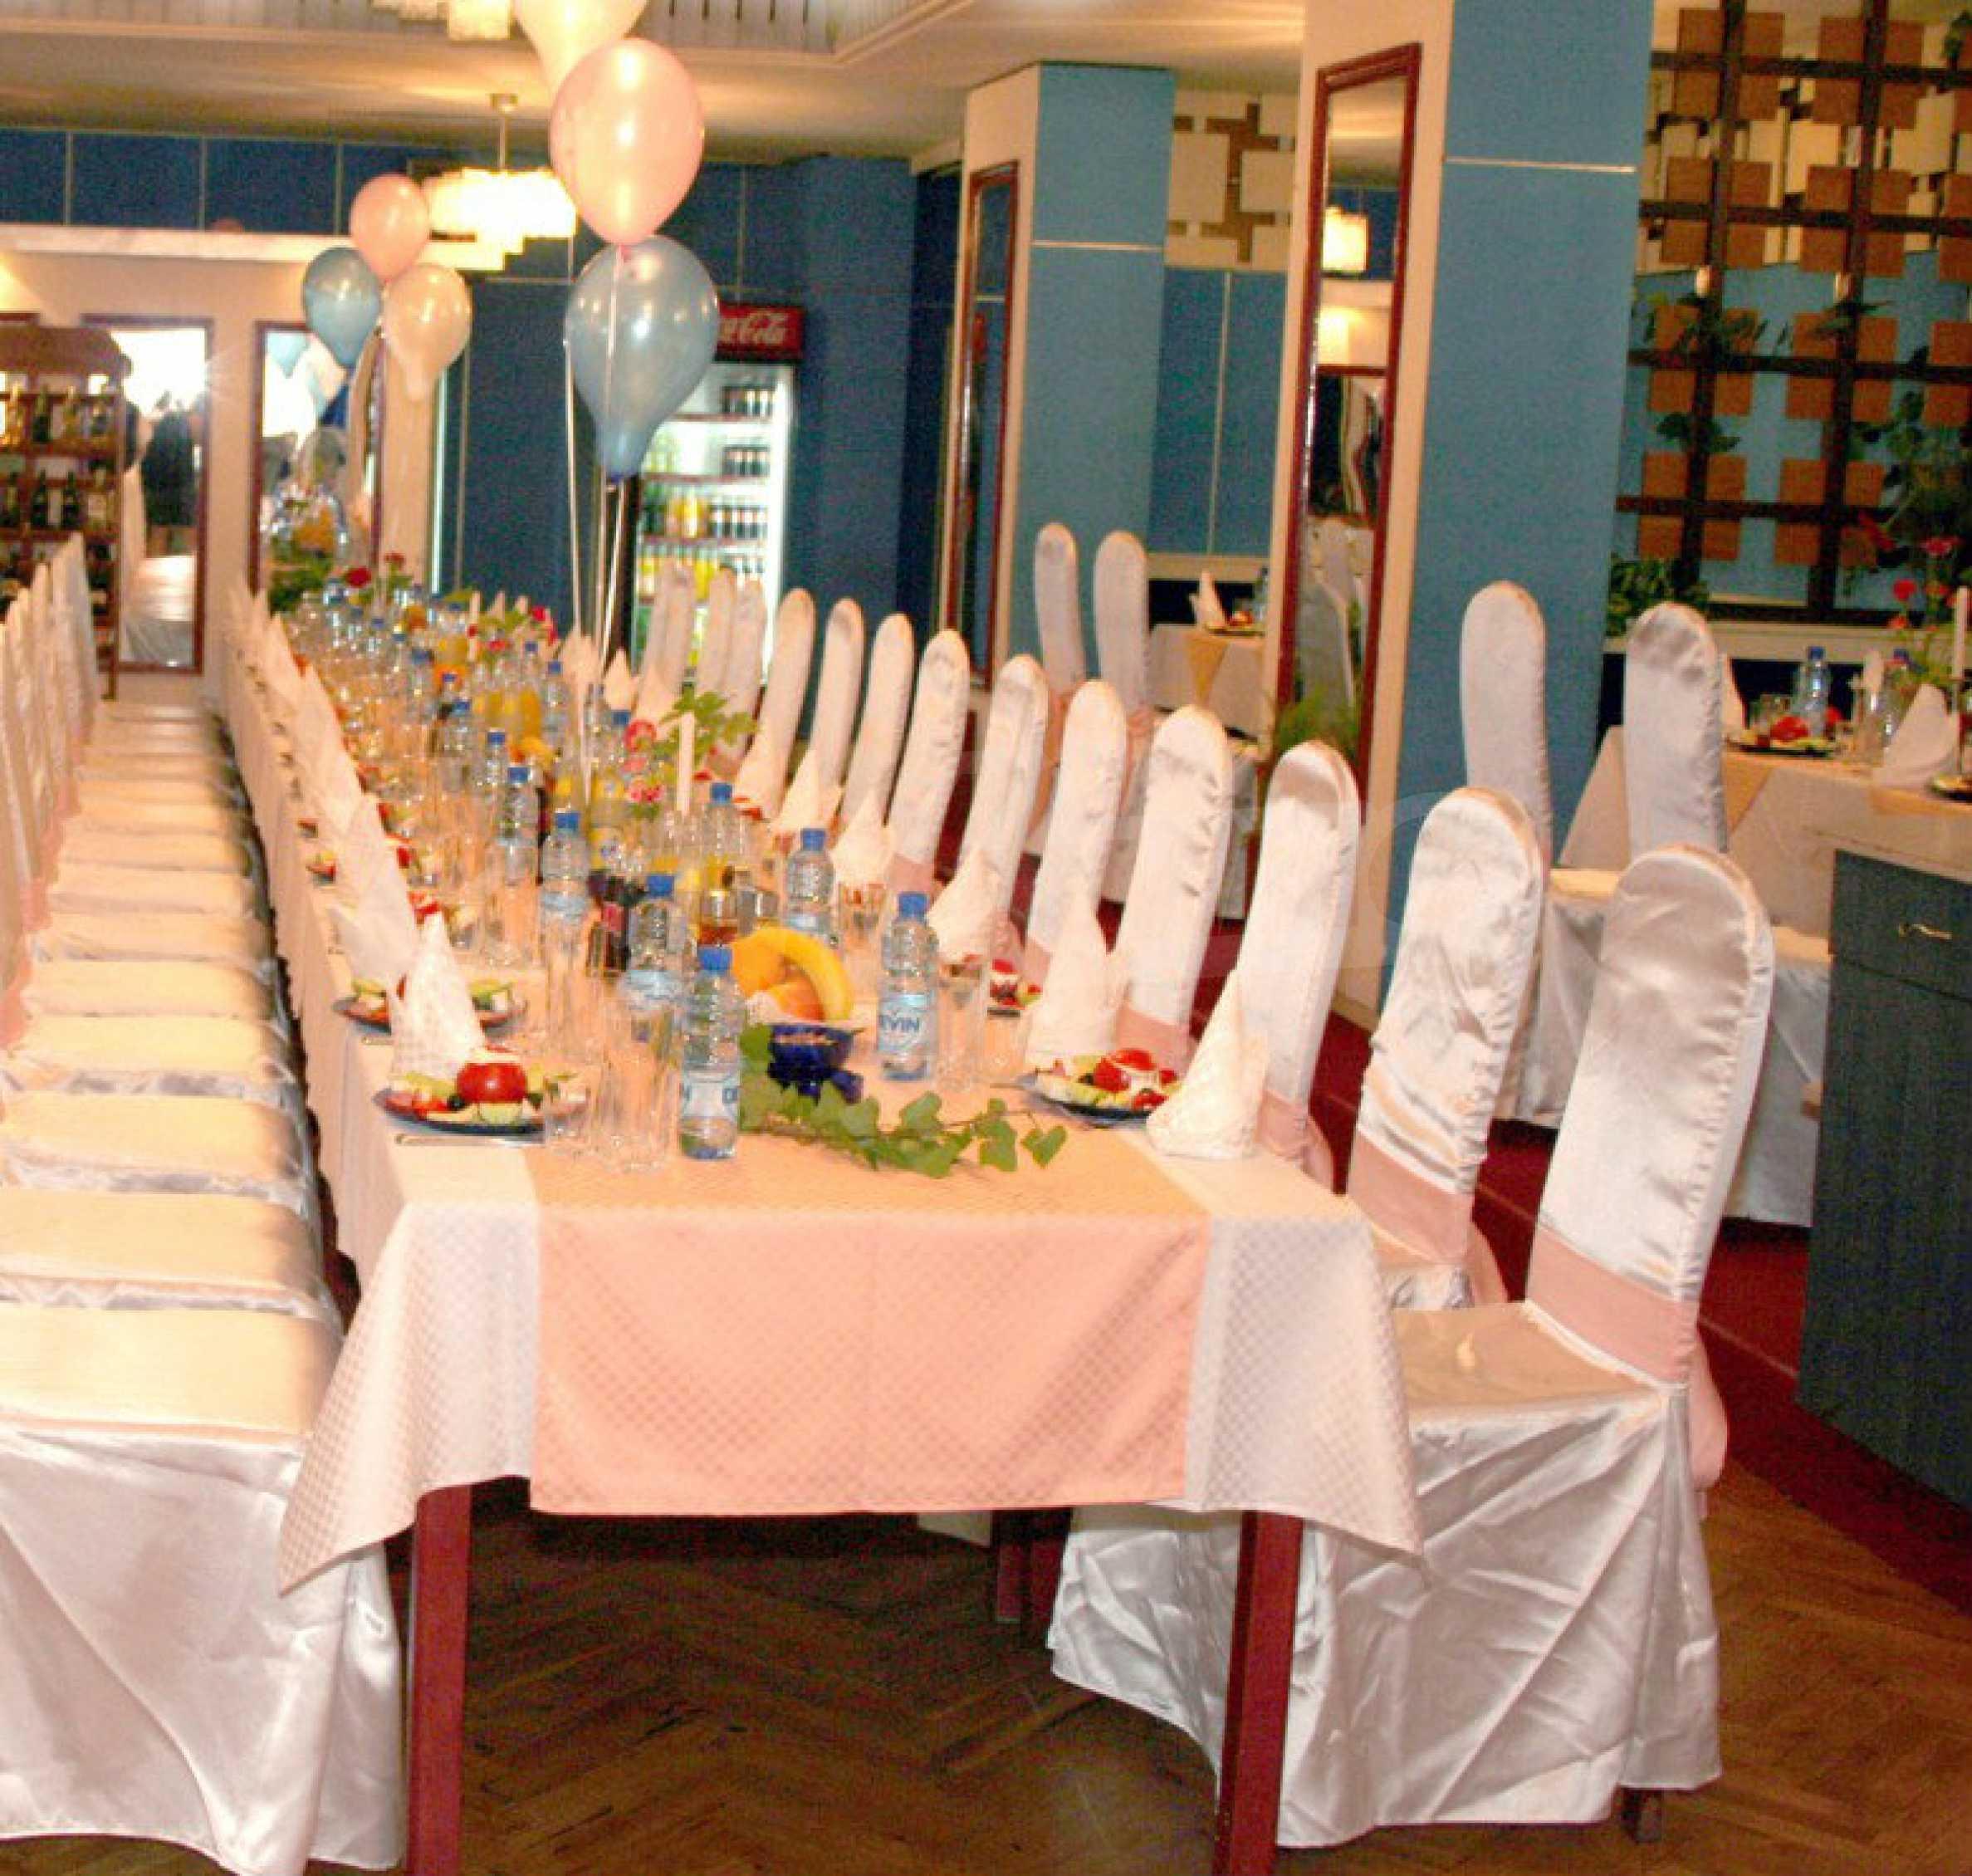 Betriebsrestaurant in der oberen Mitte von Gabrovo 4